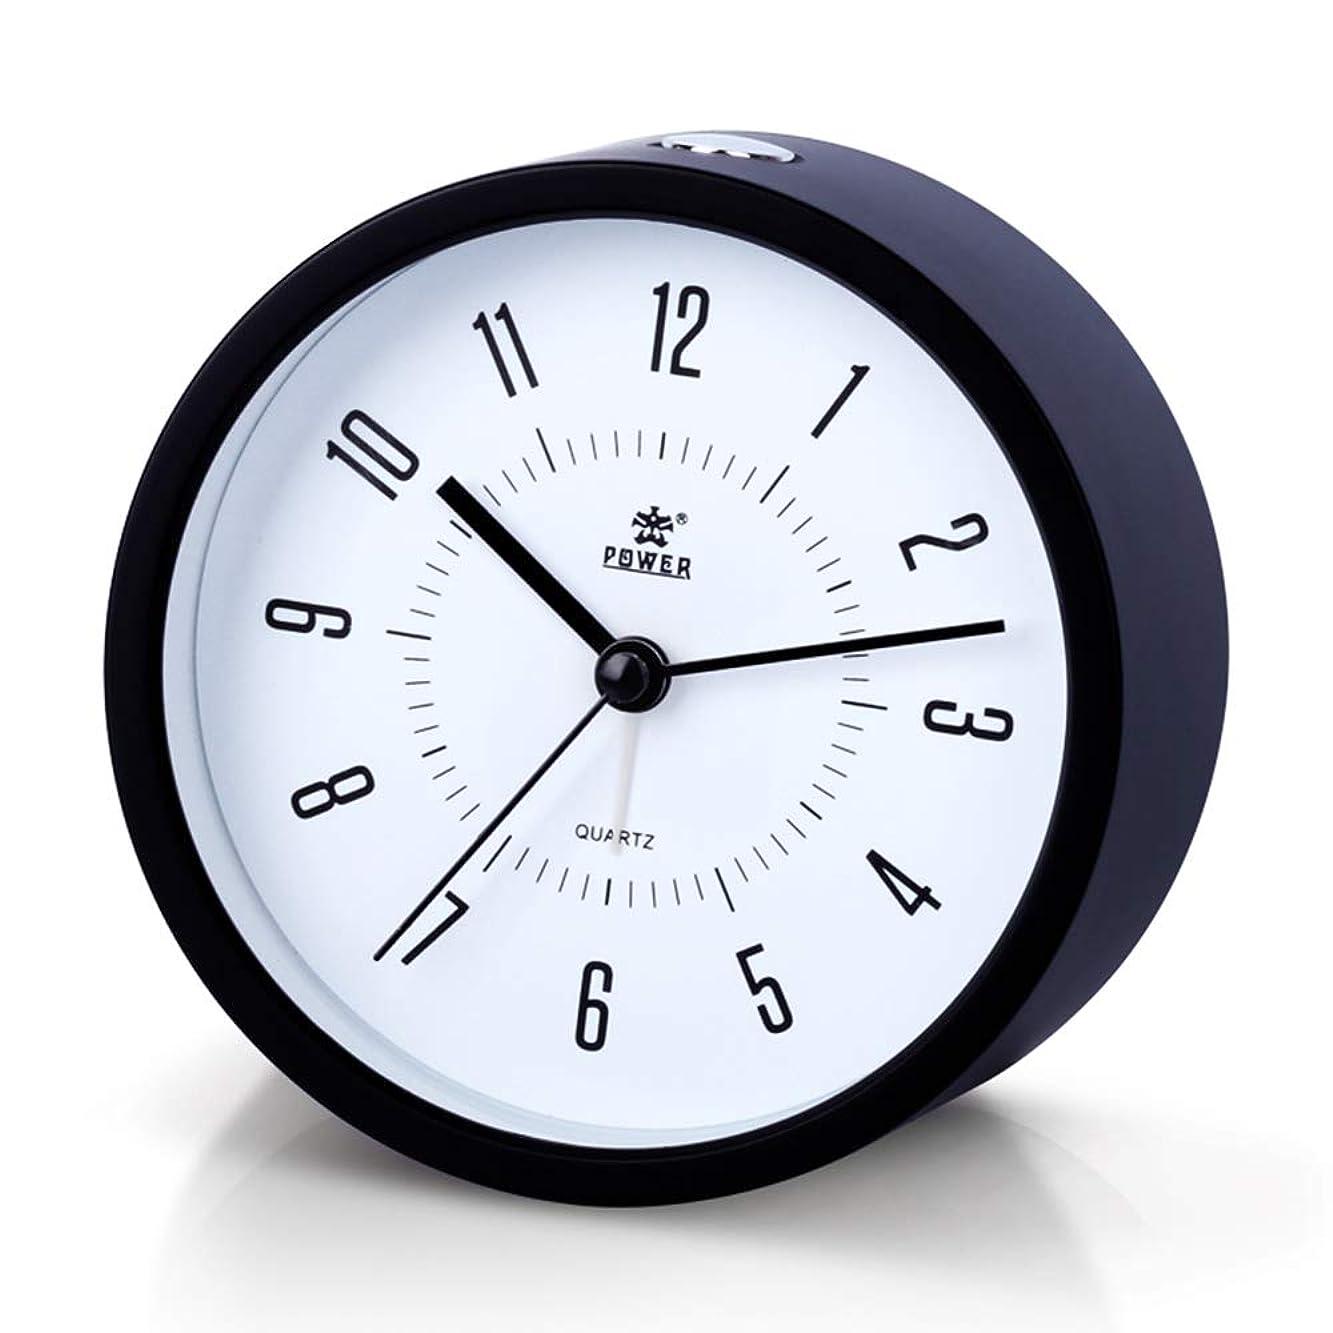 絶妙データ委員会Aelfox 目覚まし時計 アナログ 非電波 音無し置き時計 アナログ 連続秒針 電池式 スヌーズ 照明ライ(ブラック)